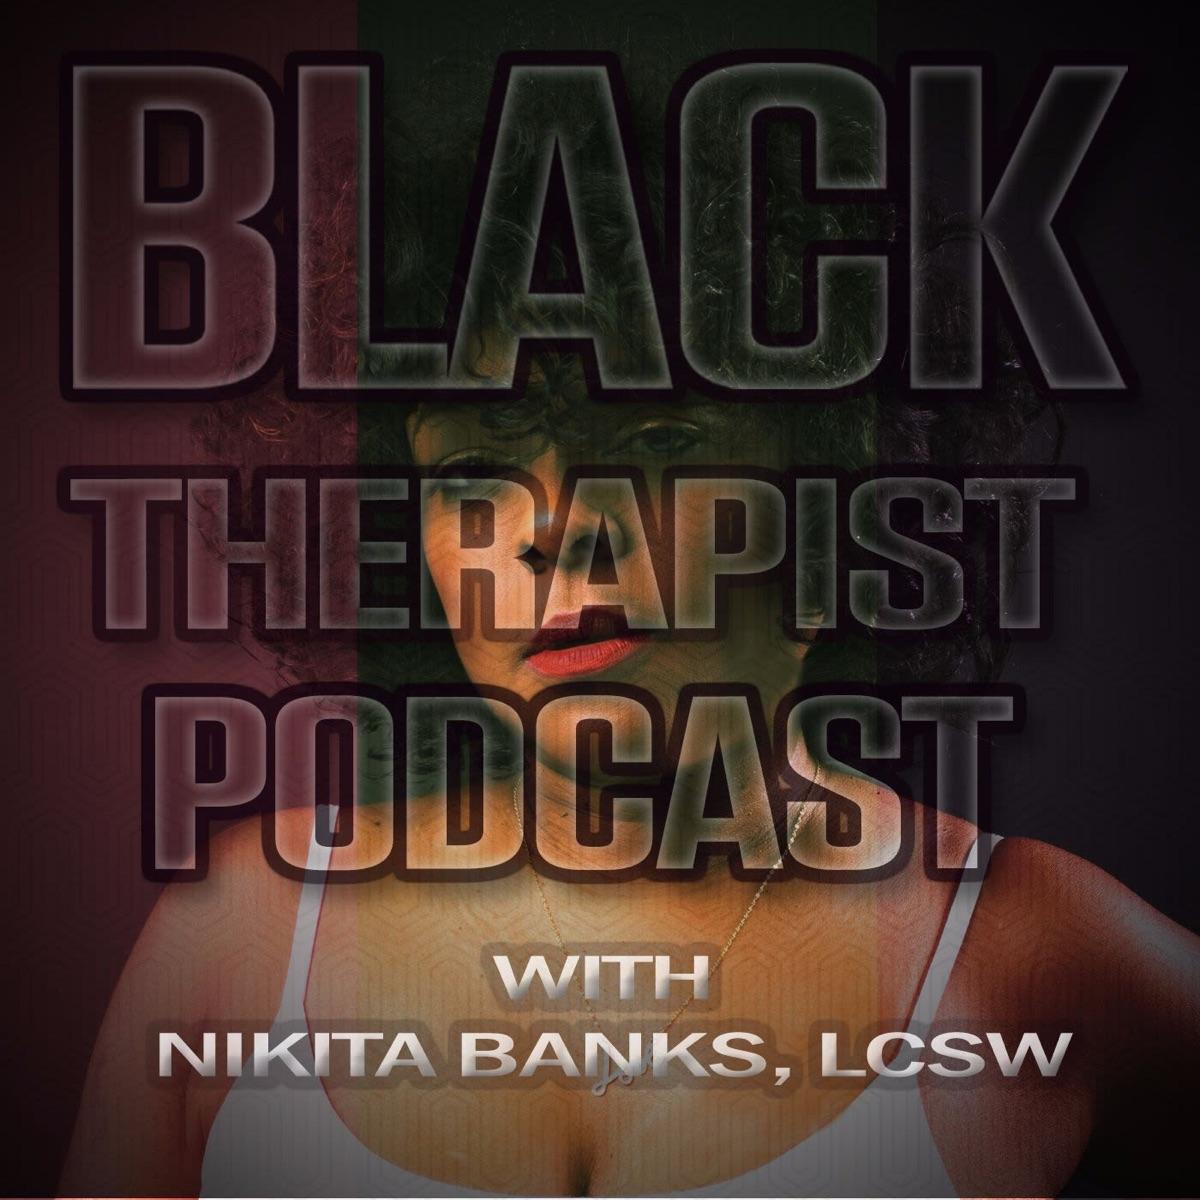 Black Therapist Podcast